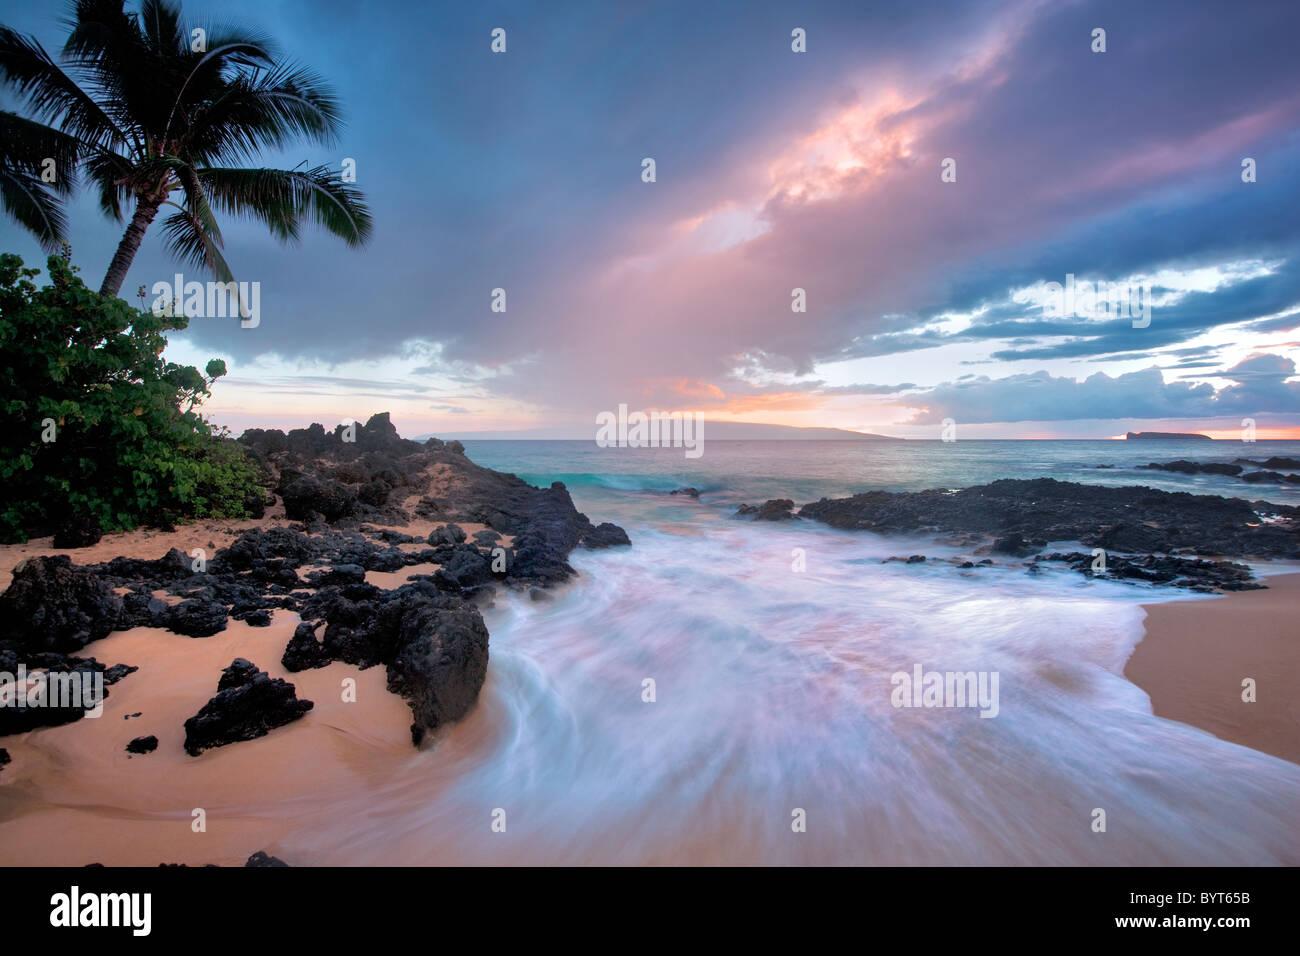 Coucher Soleil nuages et des vagues avec des palmiers. Maui, Hawaii. Banque D'Images